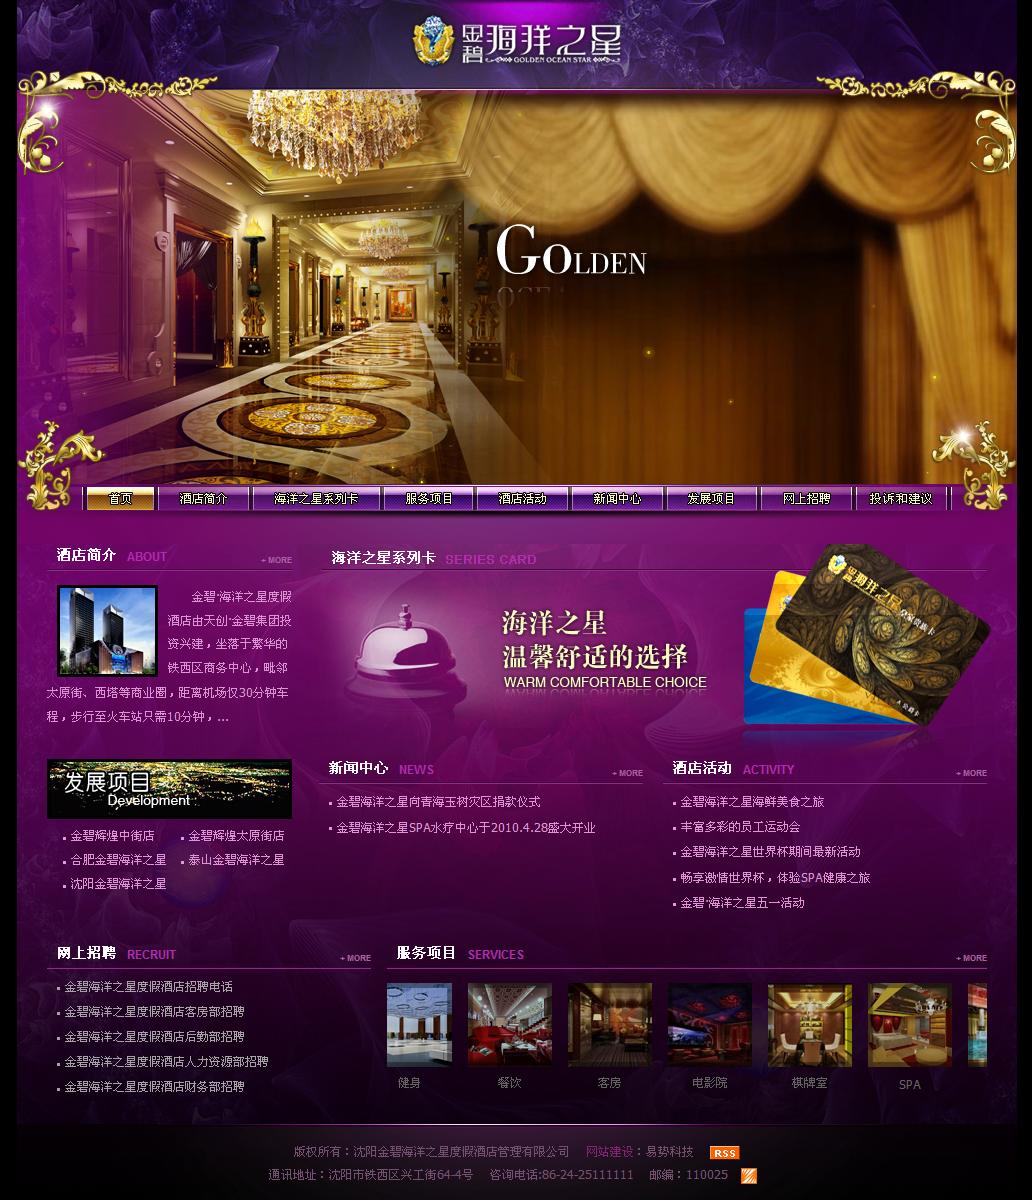 沈阳金碧海洋之星度假酒店网站